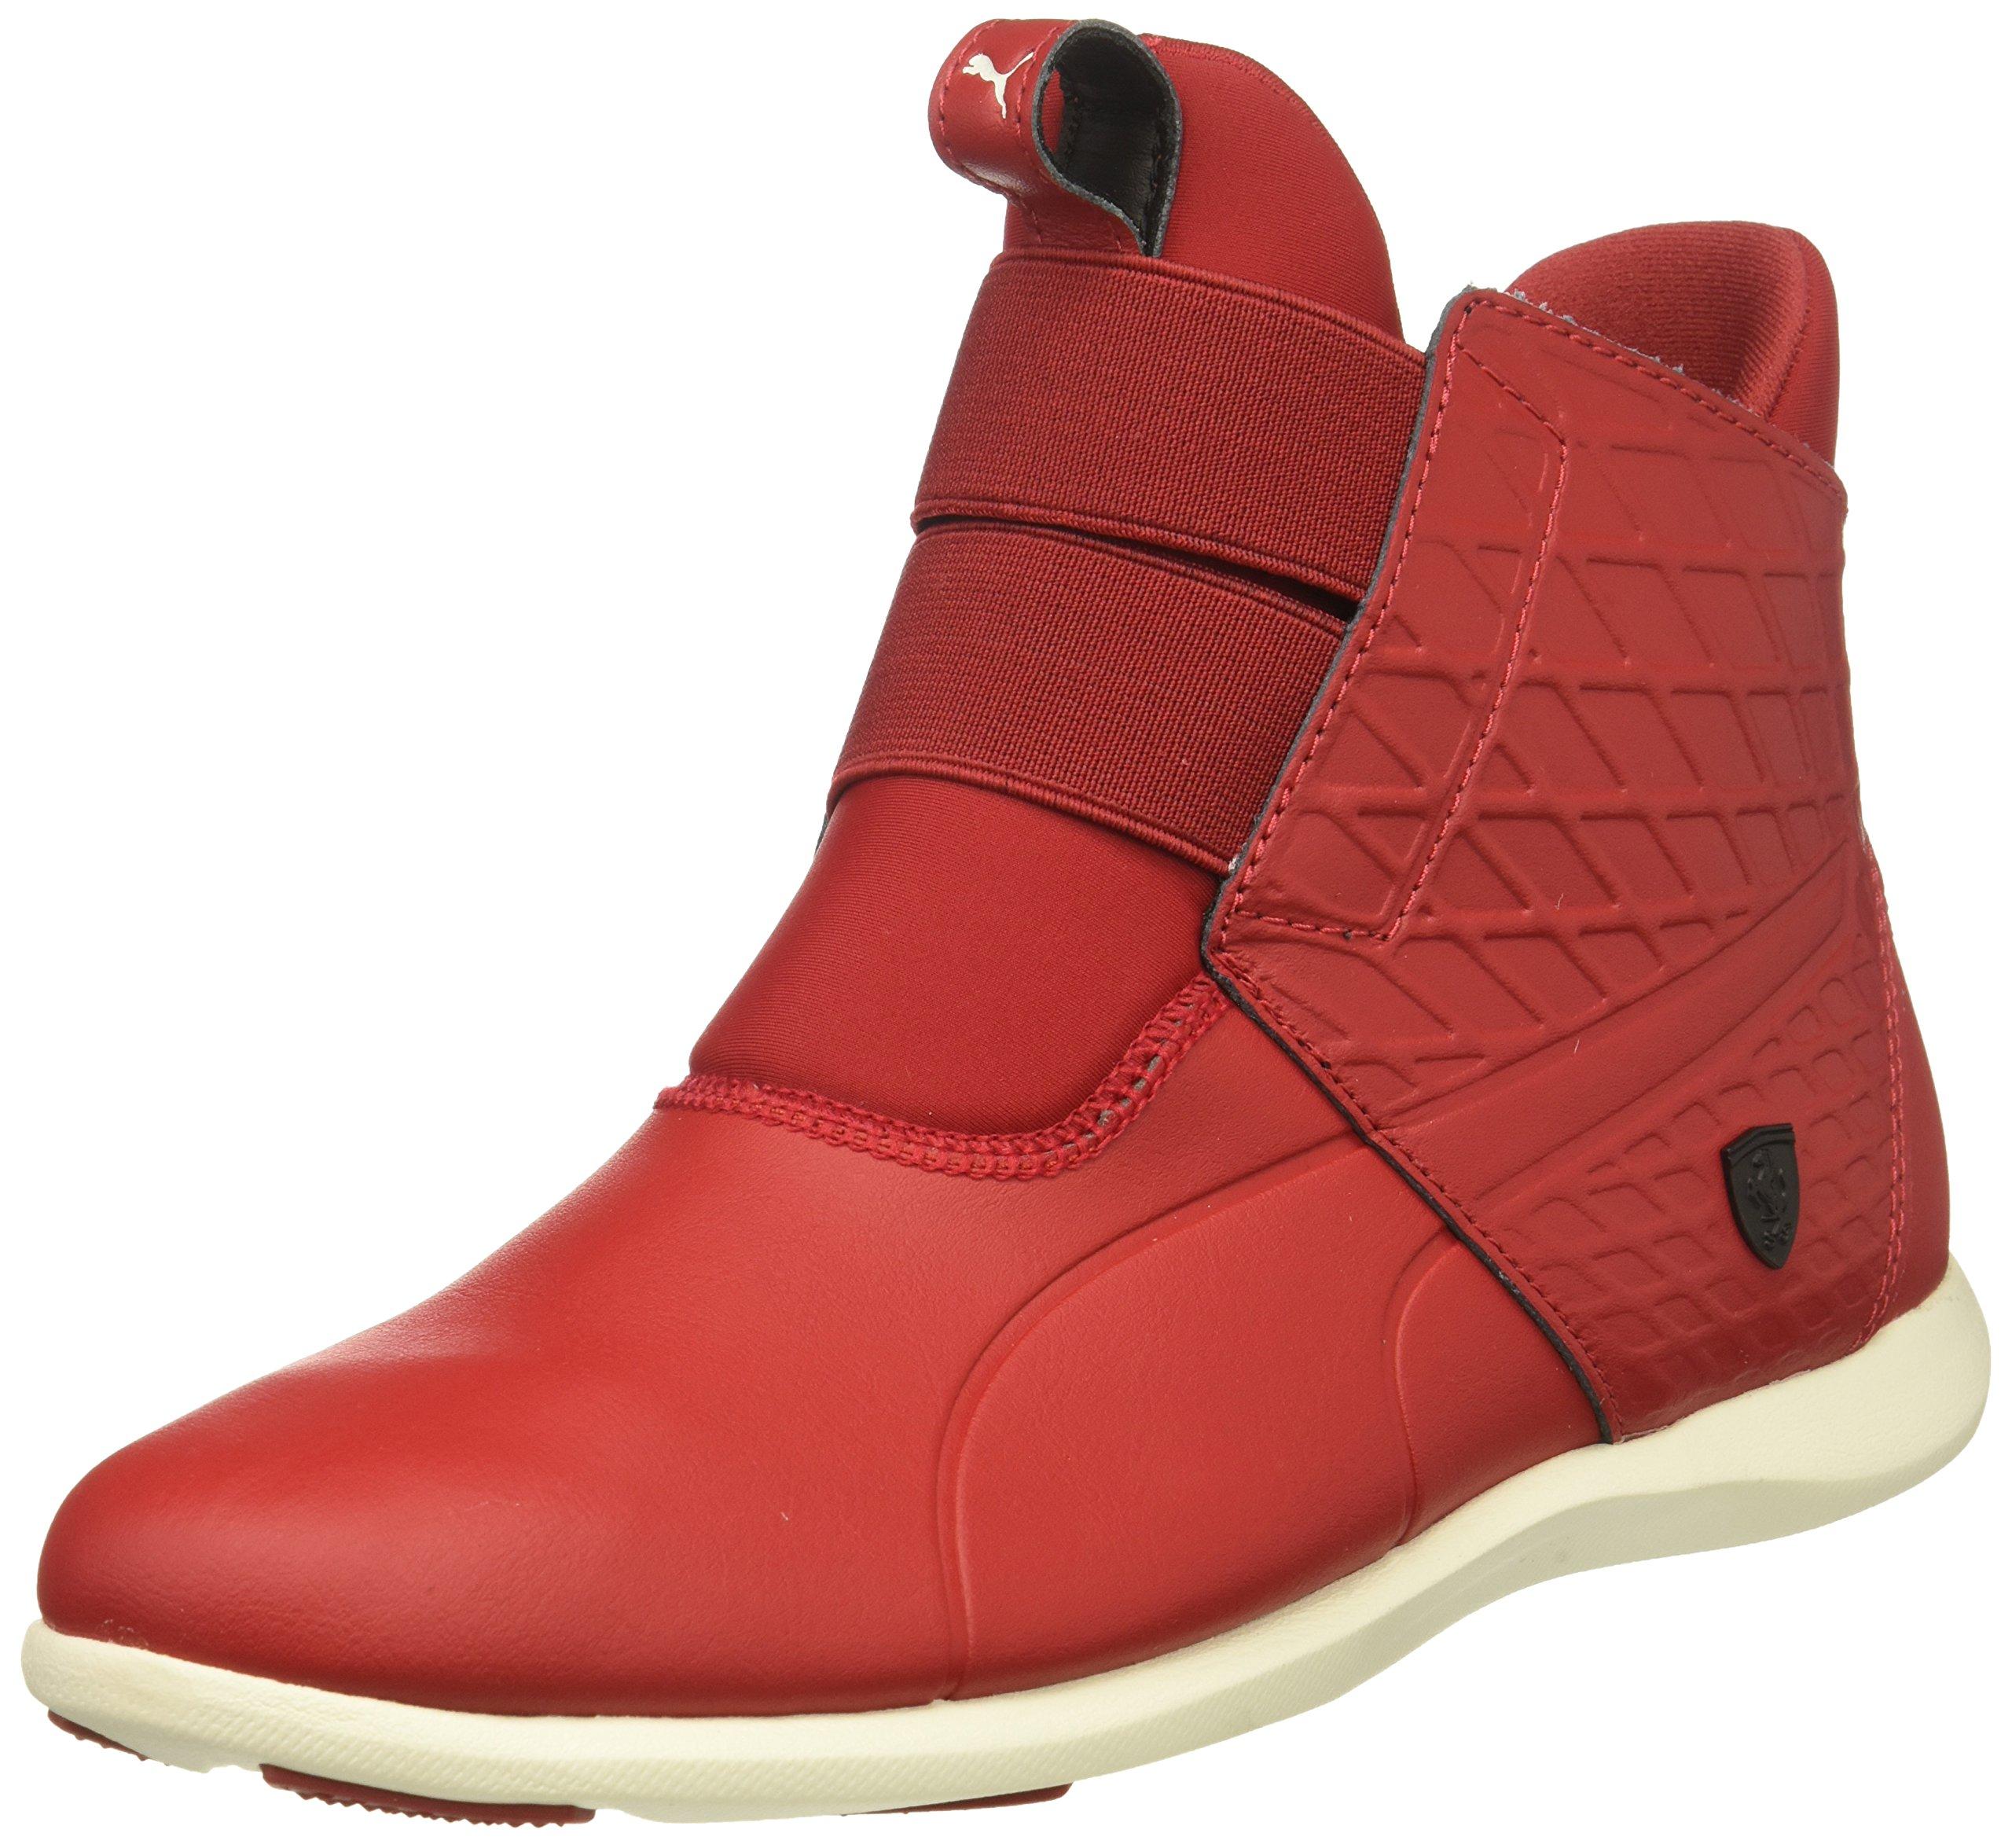 PUMA Women's SF Ankle Boot Sneaker, Chili Pepper-Chili Pepper-Whisper White, 9 M US